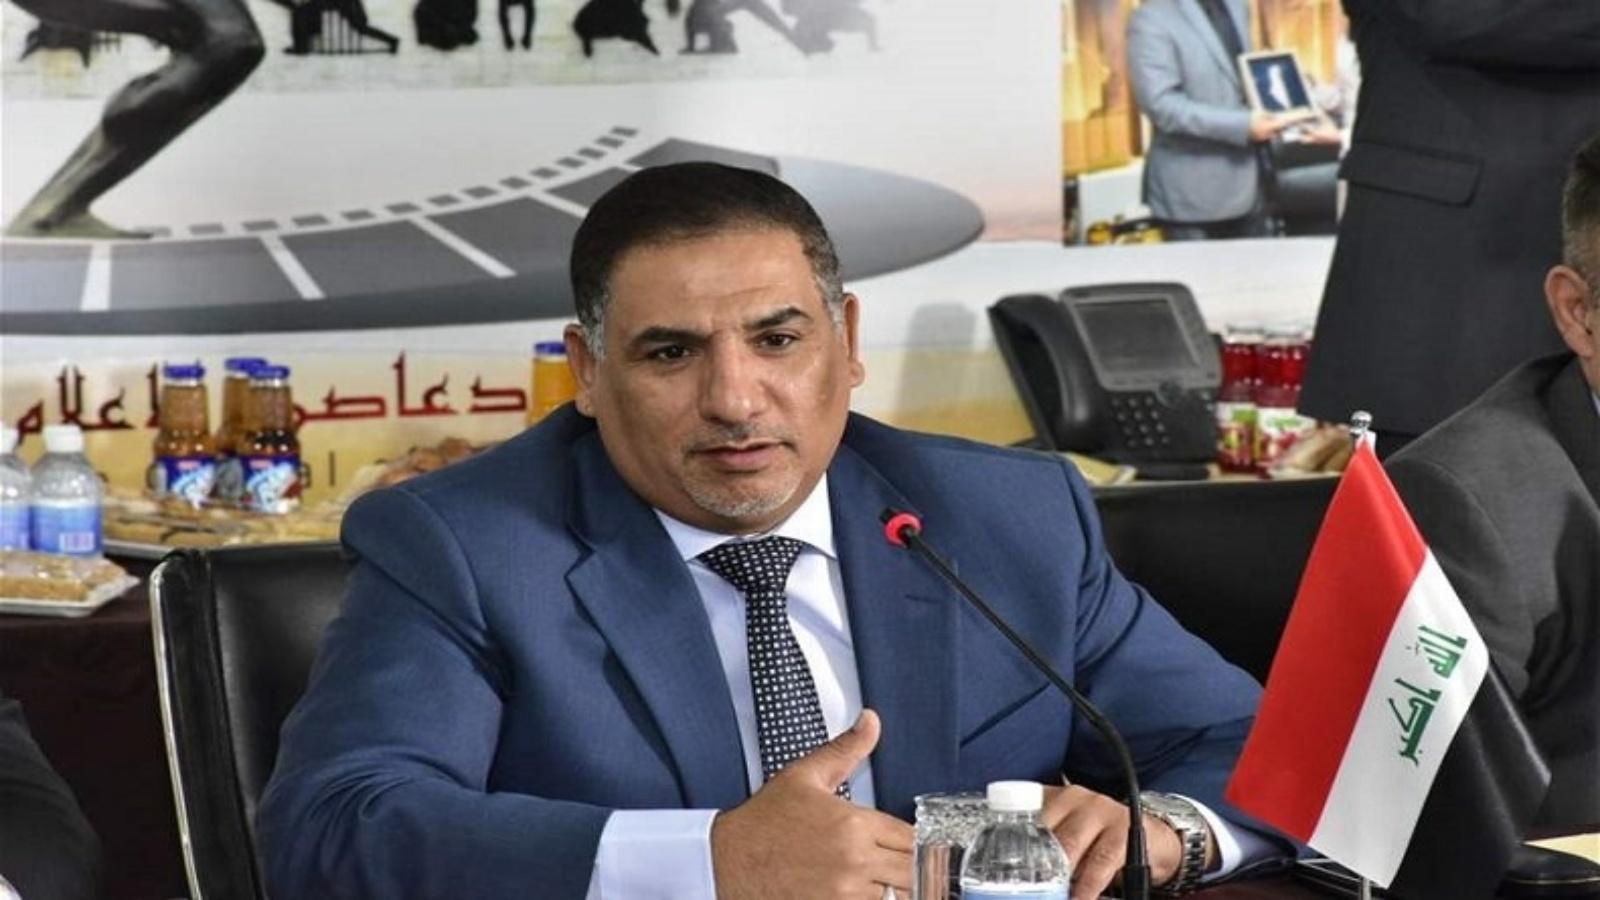 الرئيس التنفيذي لهيئة الاعلام والاتصالات العراقية علي الخويلدي